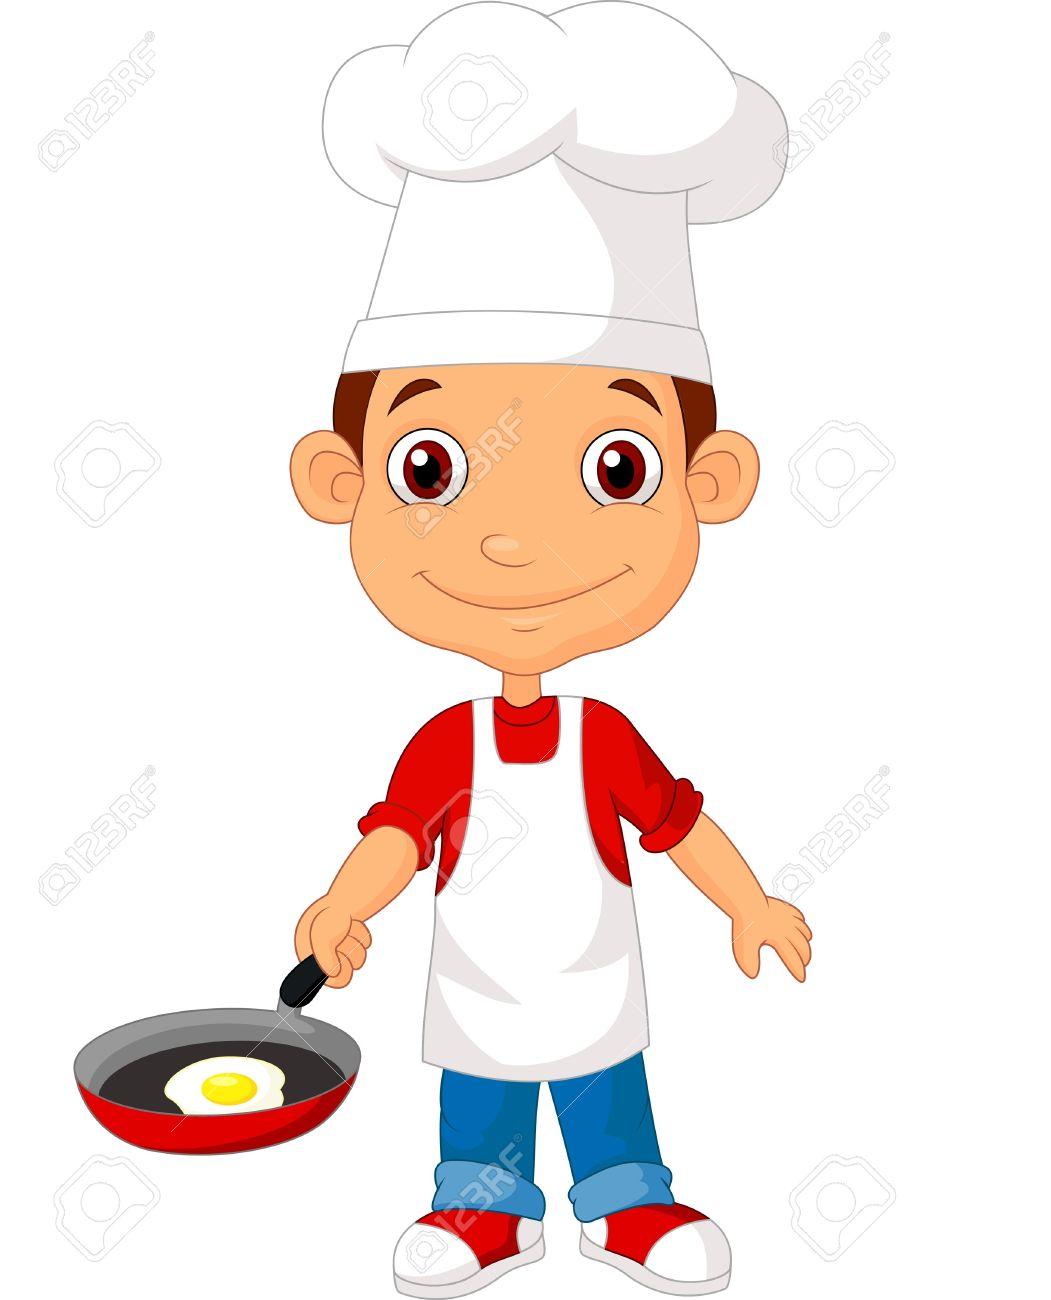 Kitchen clipart boy *✿* Pinterest B Cookie con